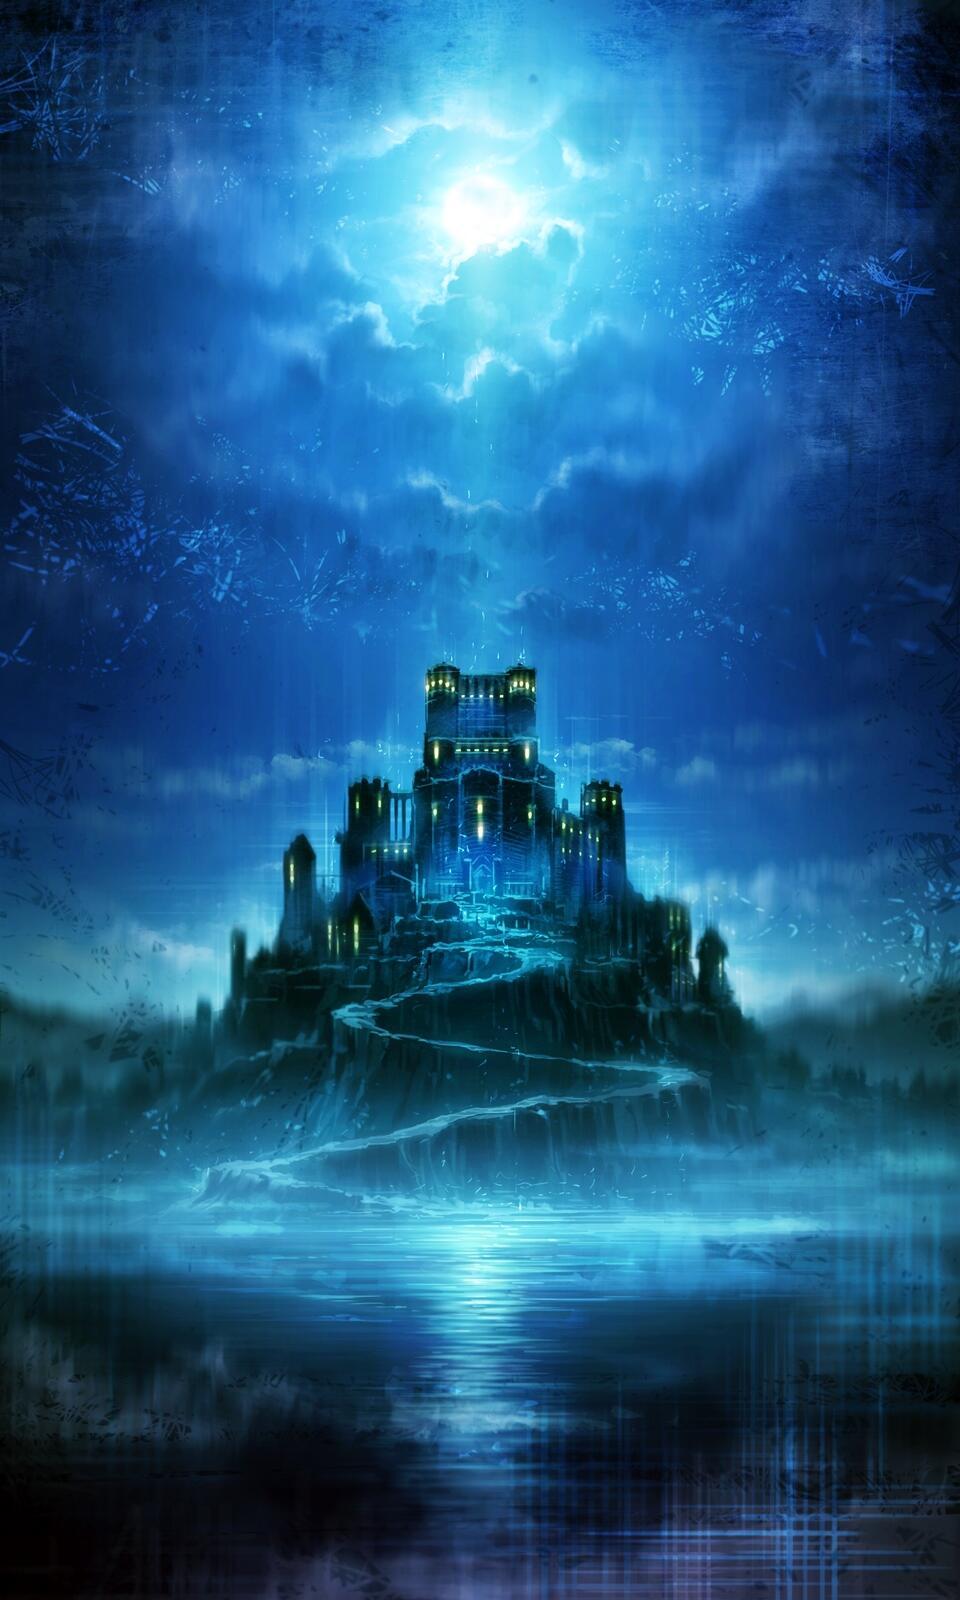 Lohengrin Castle